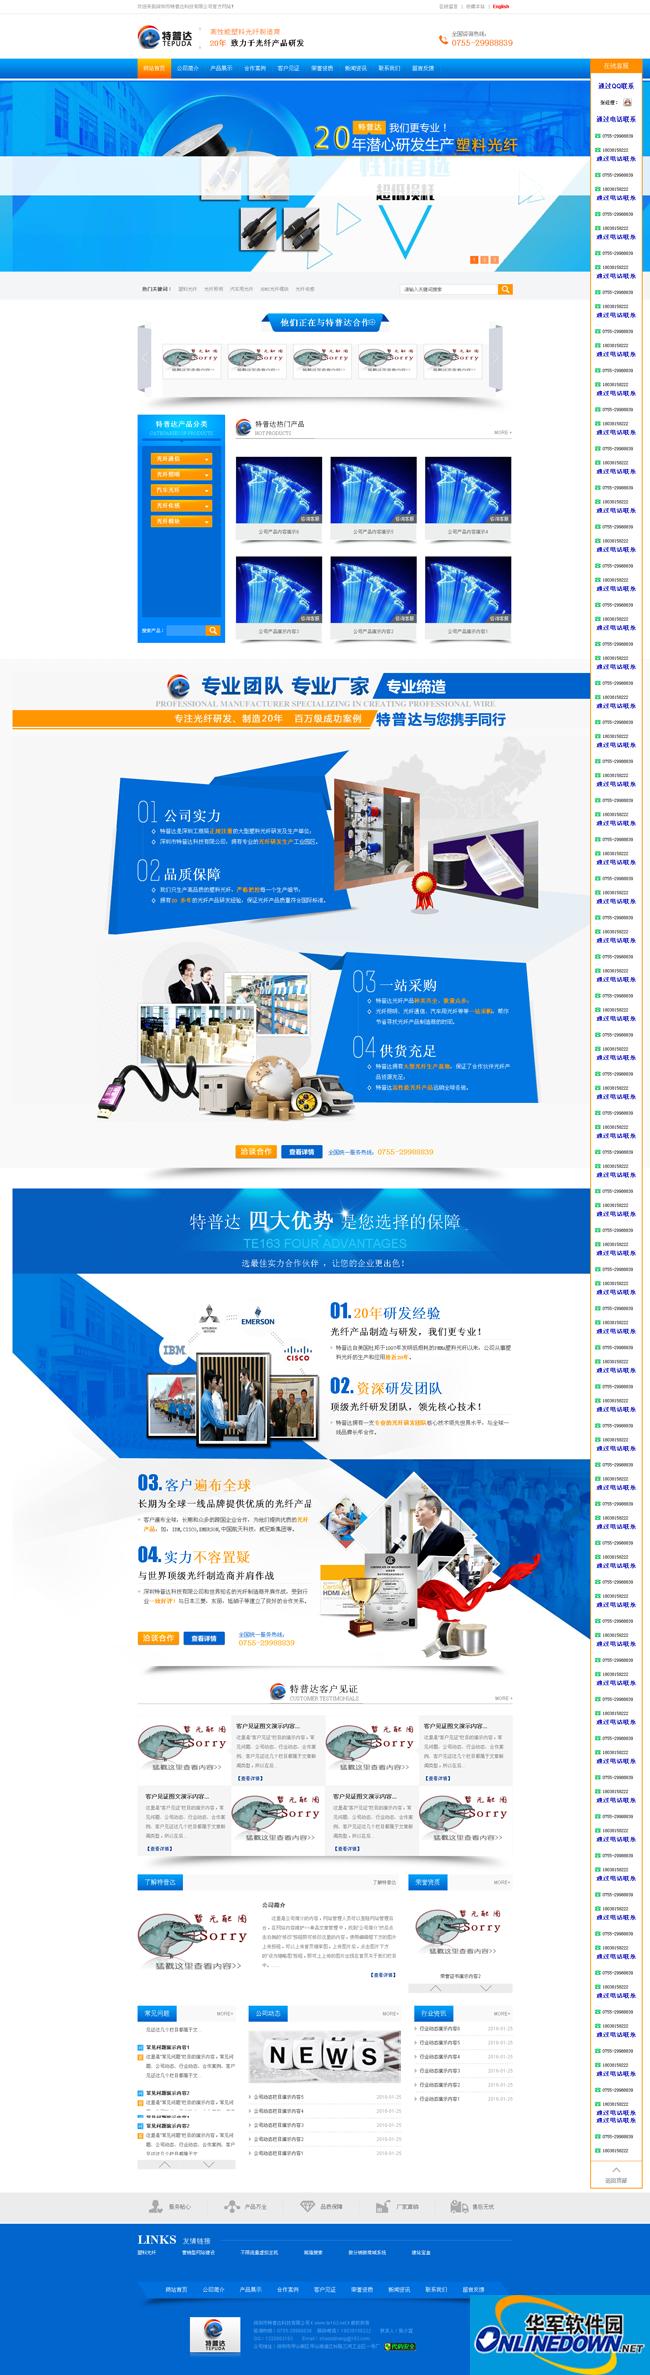 营销型网站源码自带中英文双语模板